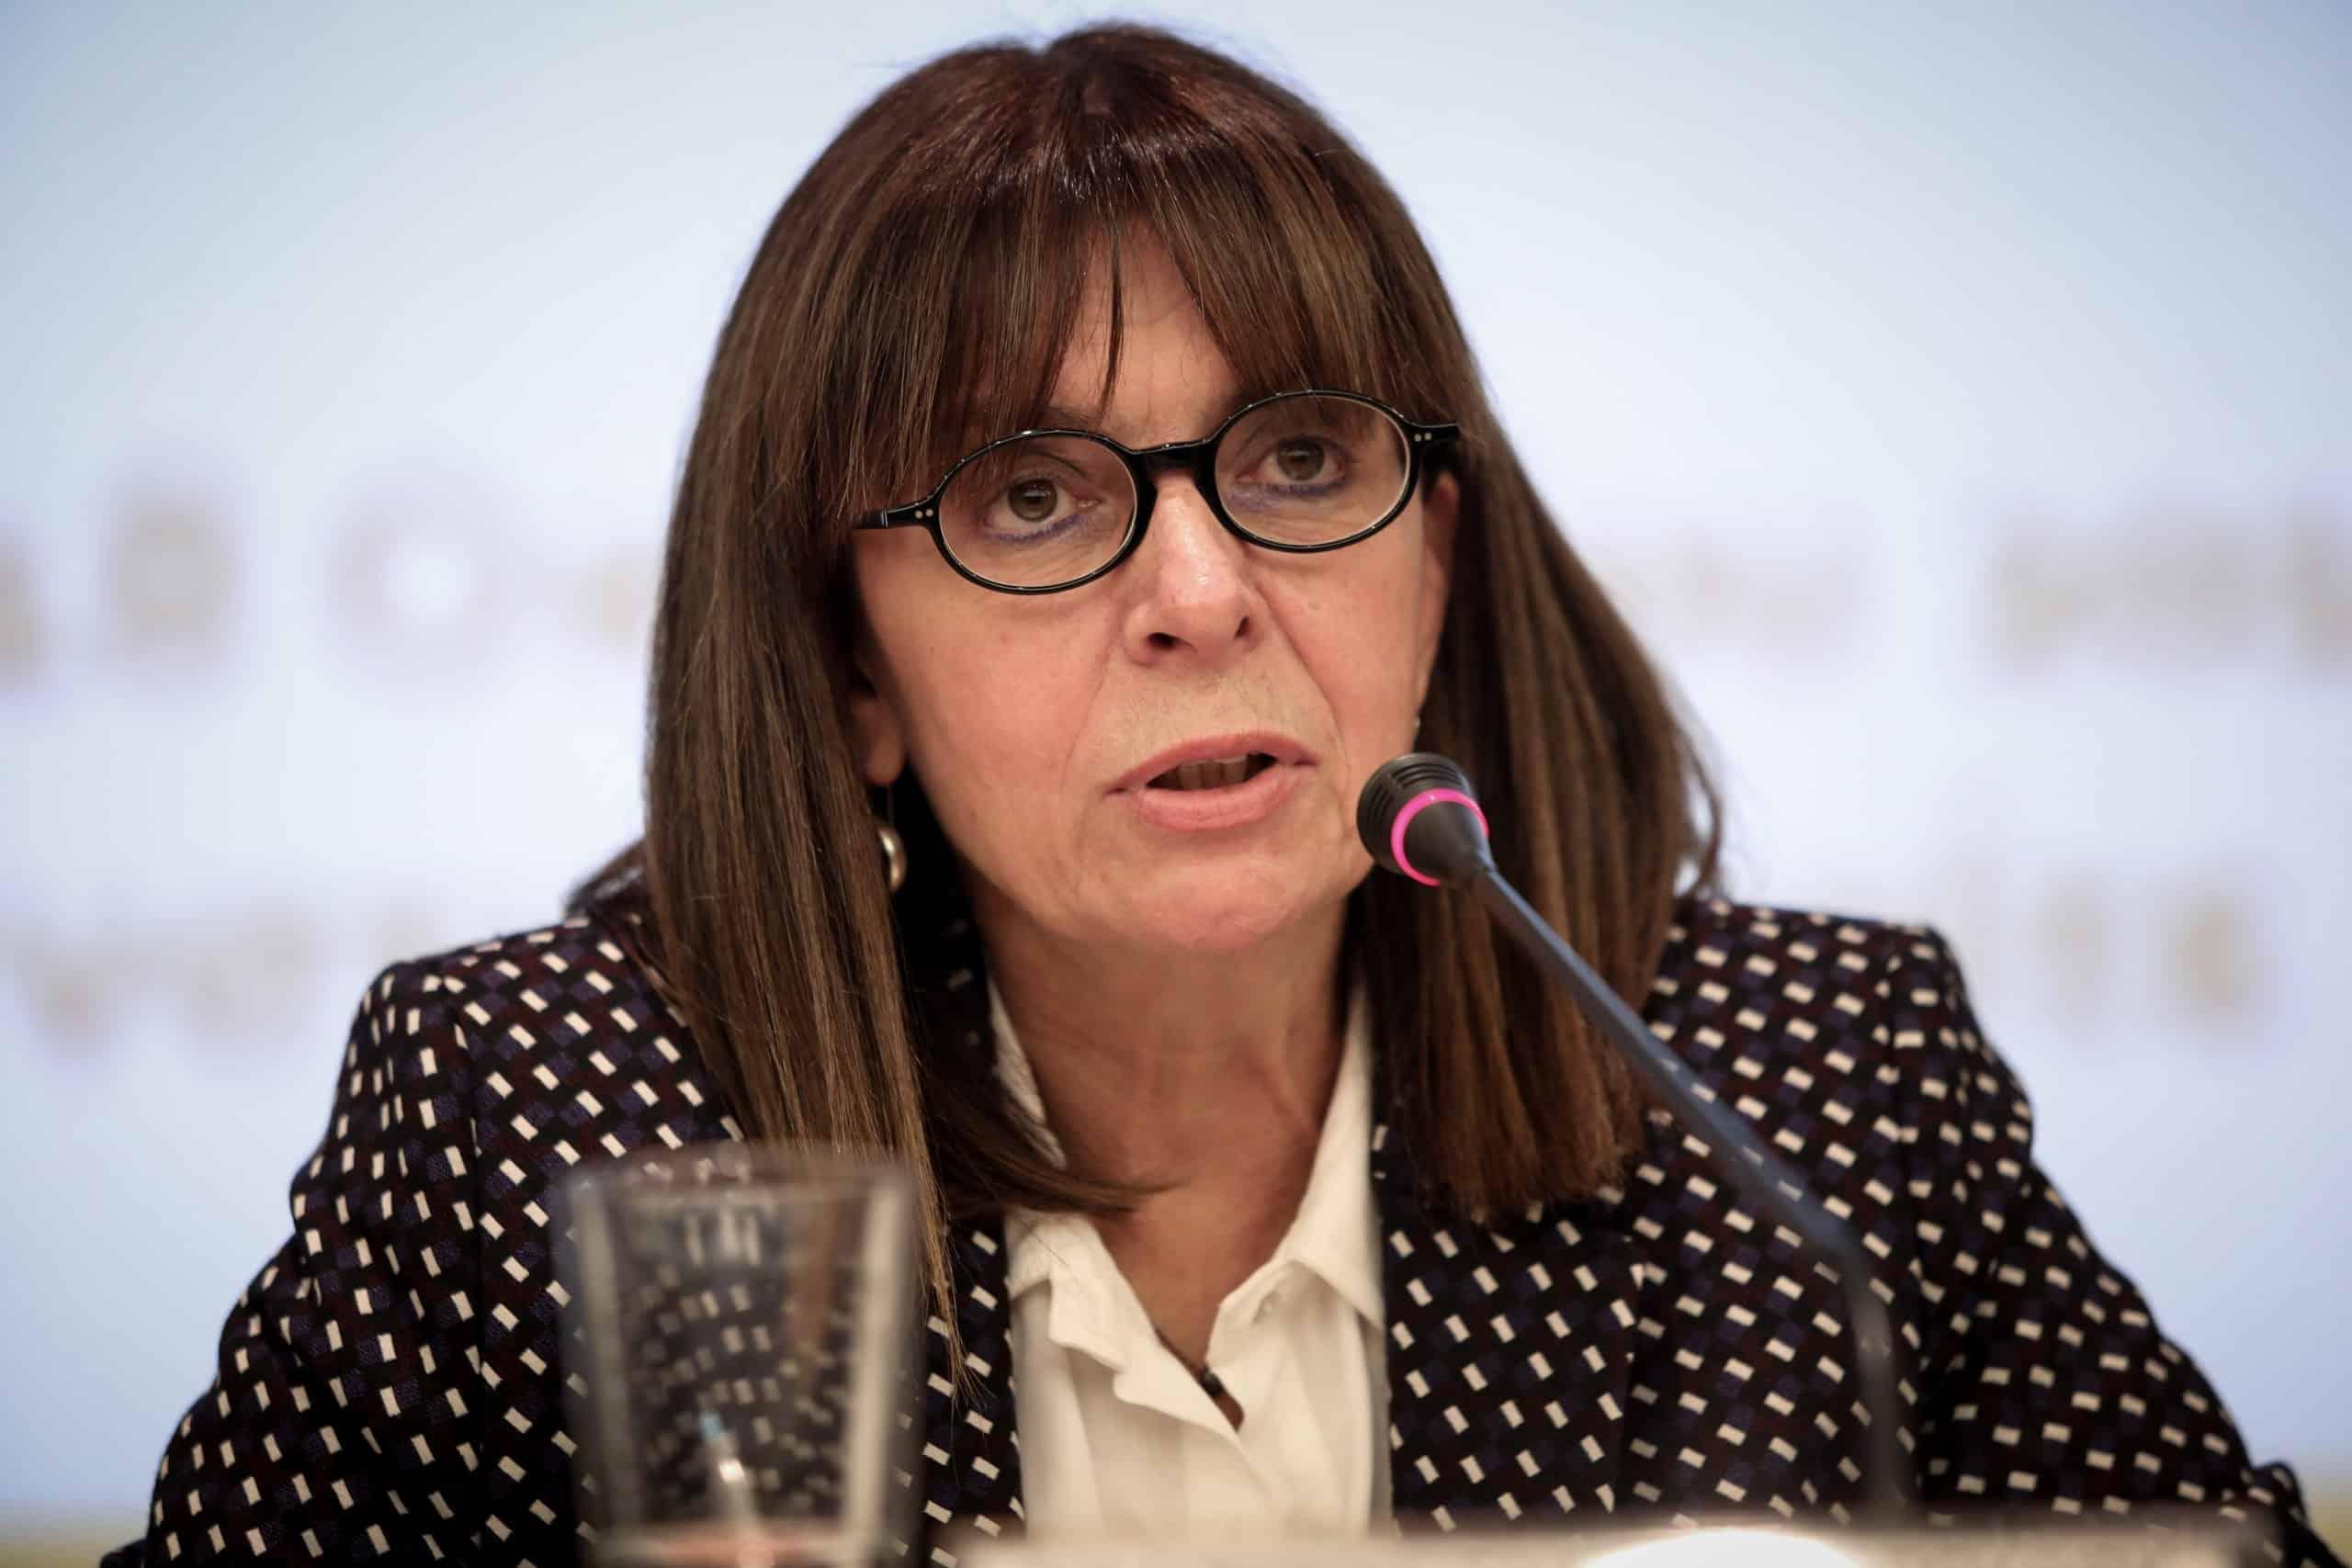 ελληνική επανάσταση Κατερίνα Σακελλαροπούλου: Γυναίκα «Αρχιστράτηγος» στις Κρίσεις 2020